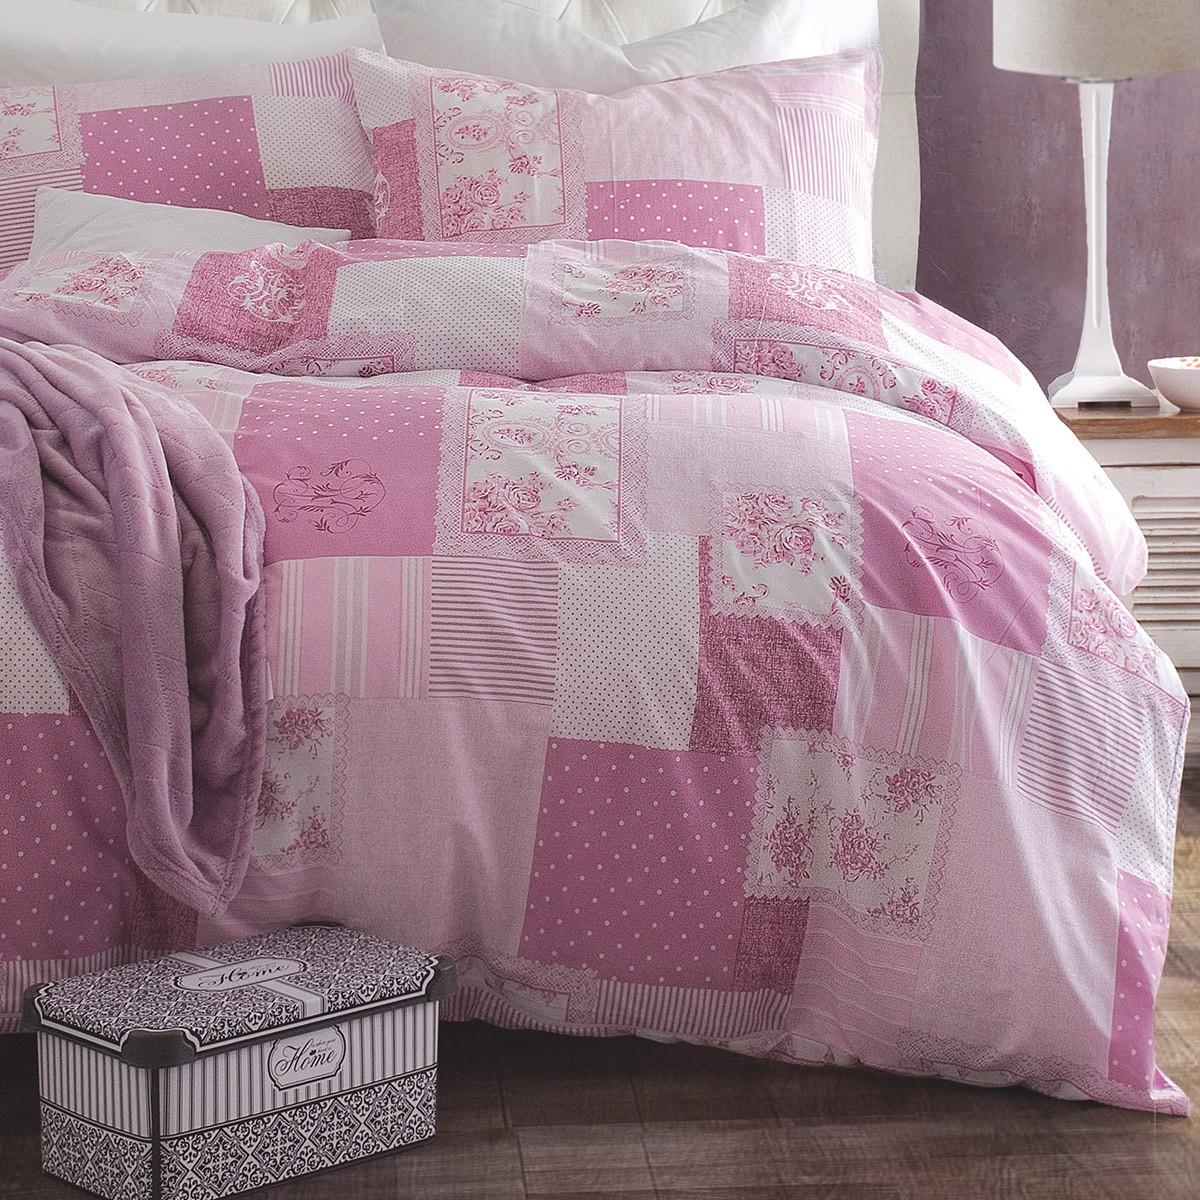 Κουβερλί Μονό (Σετ) Rythmos Next Mandie Pink home   κρεβατοκάμαρα   κουβερλί   κουβερλί μονά